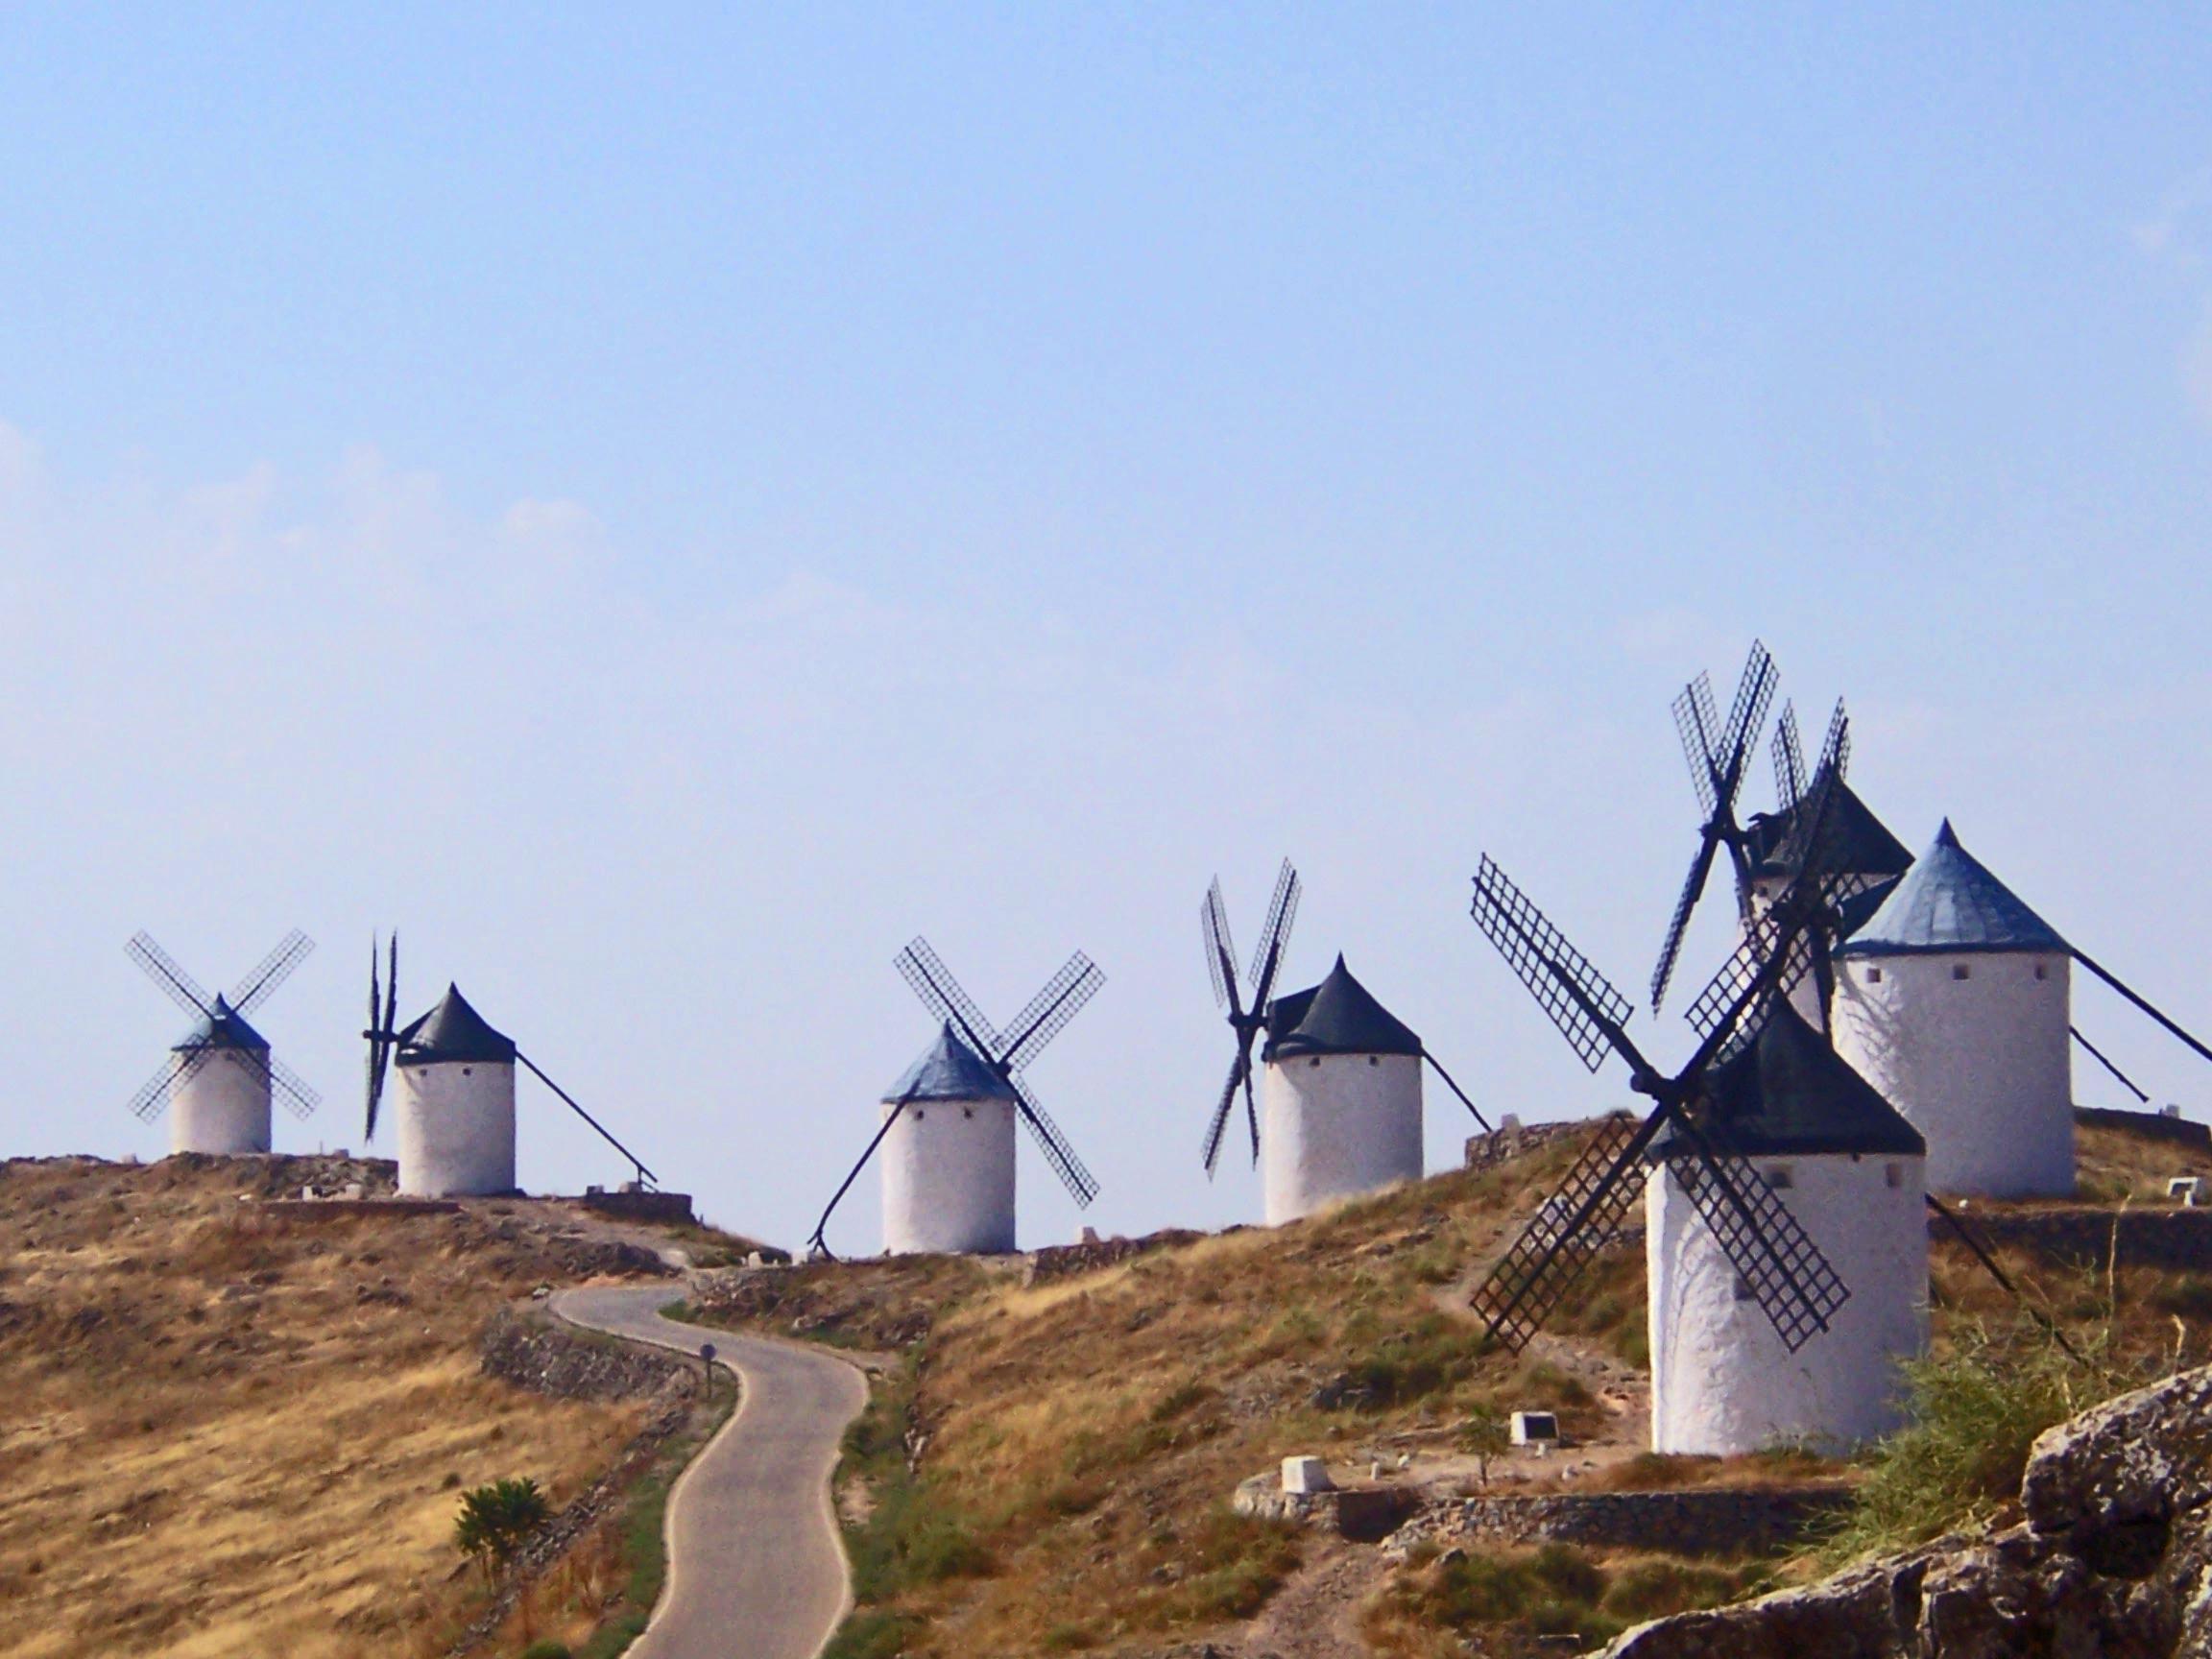 Siete de los doce molinos de viento de Consuegra (Toledo)